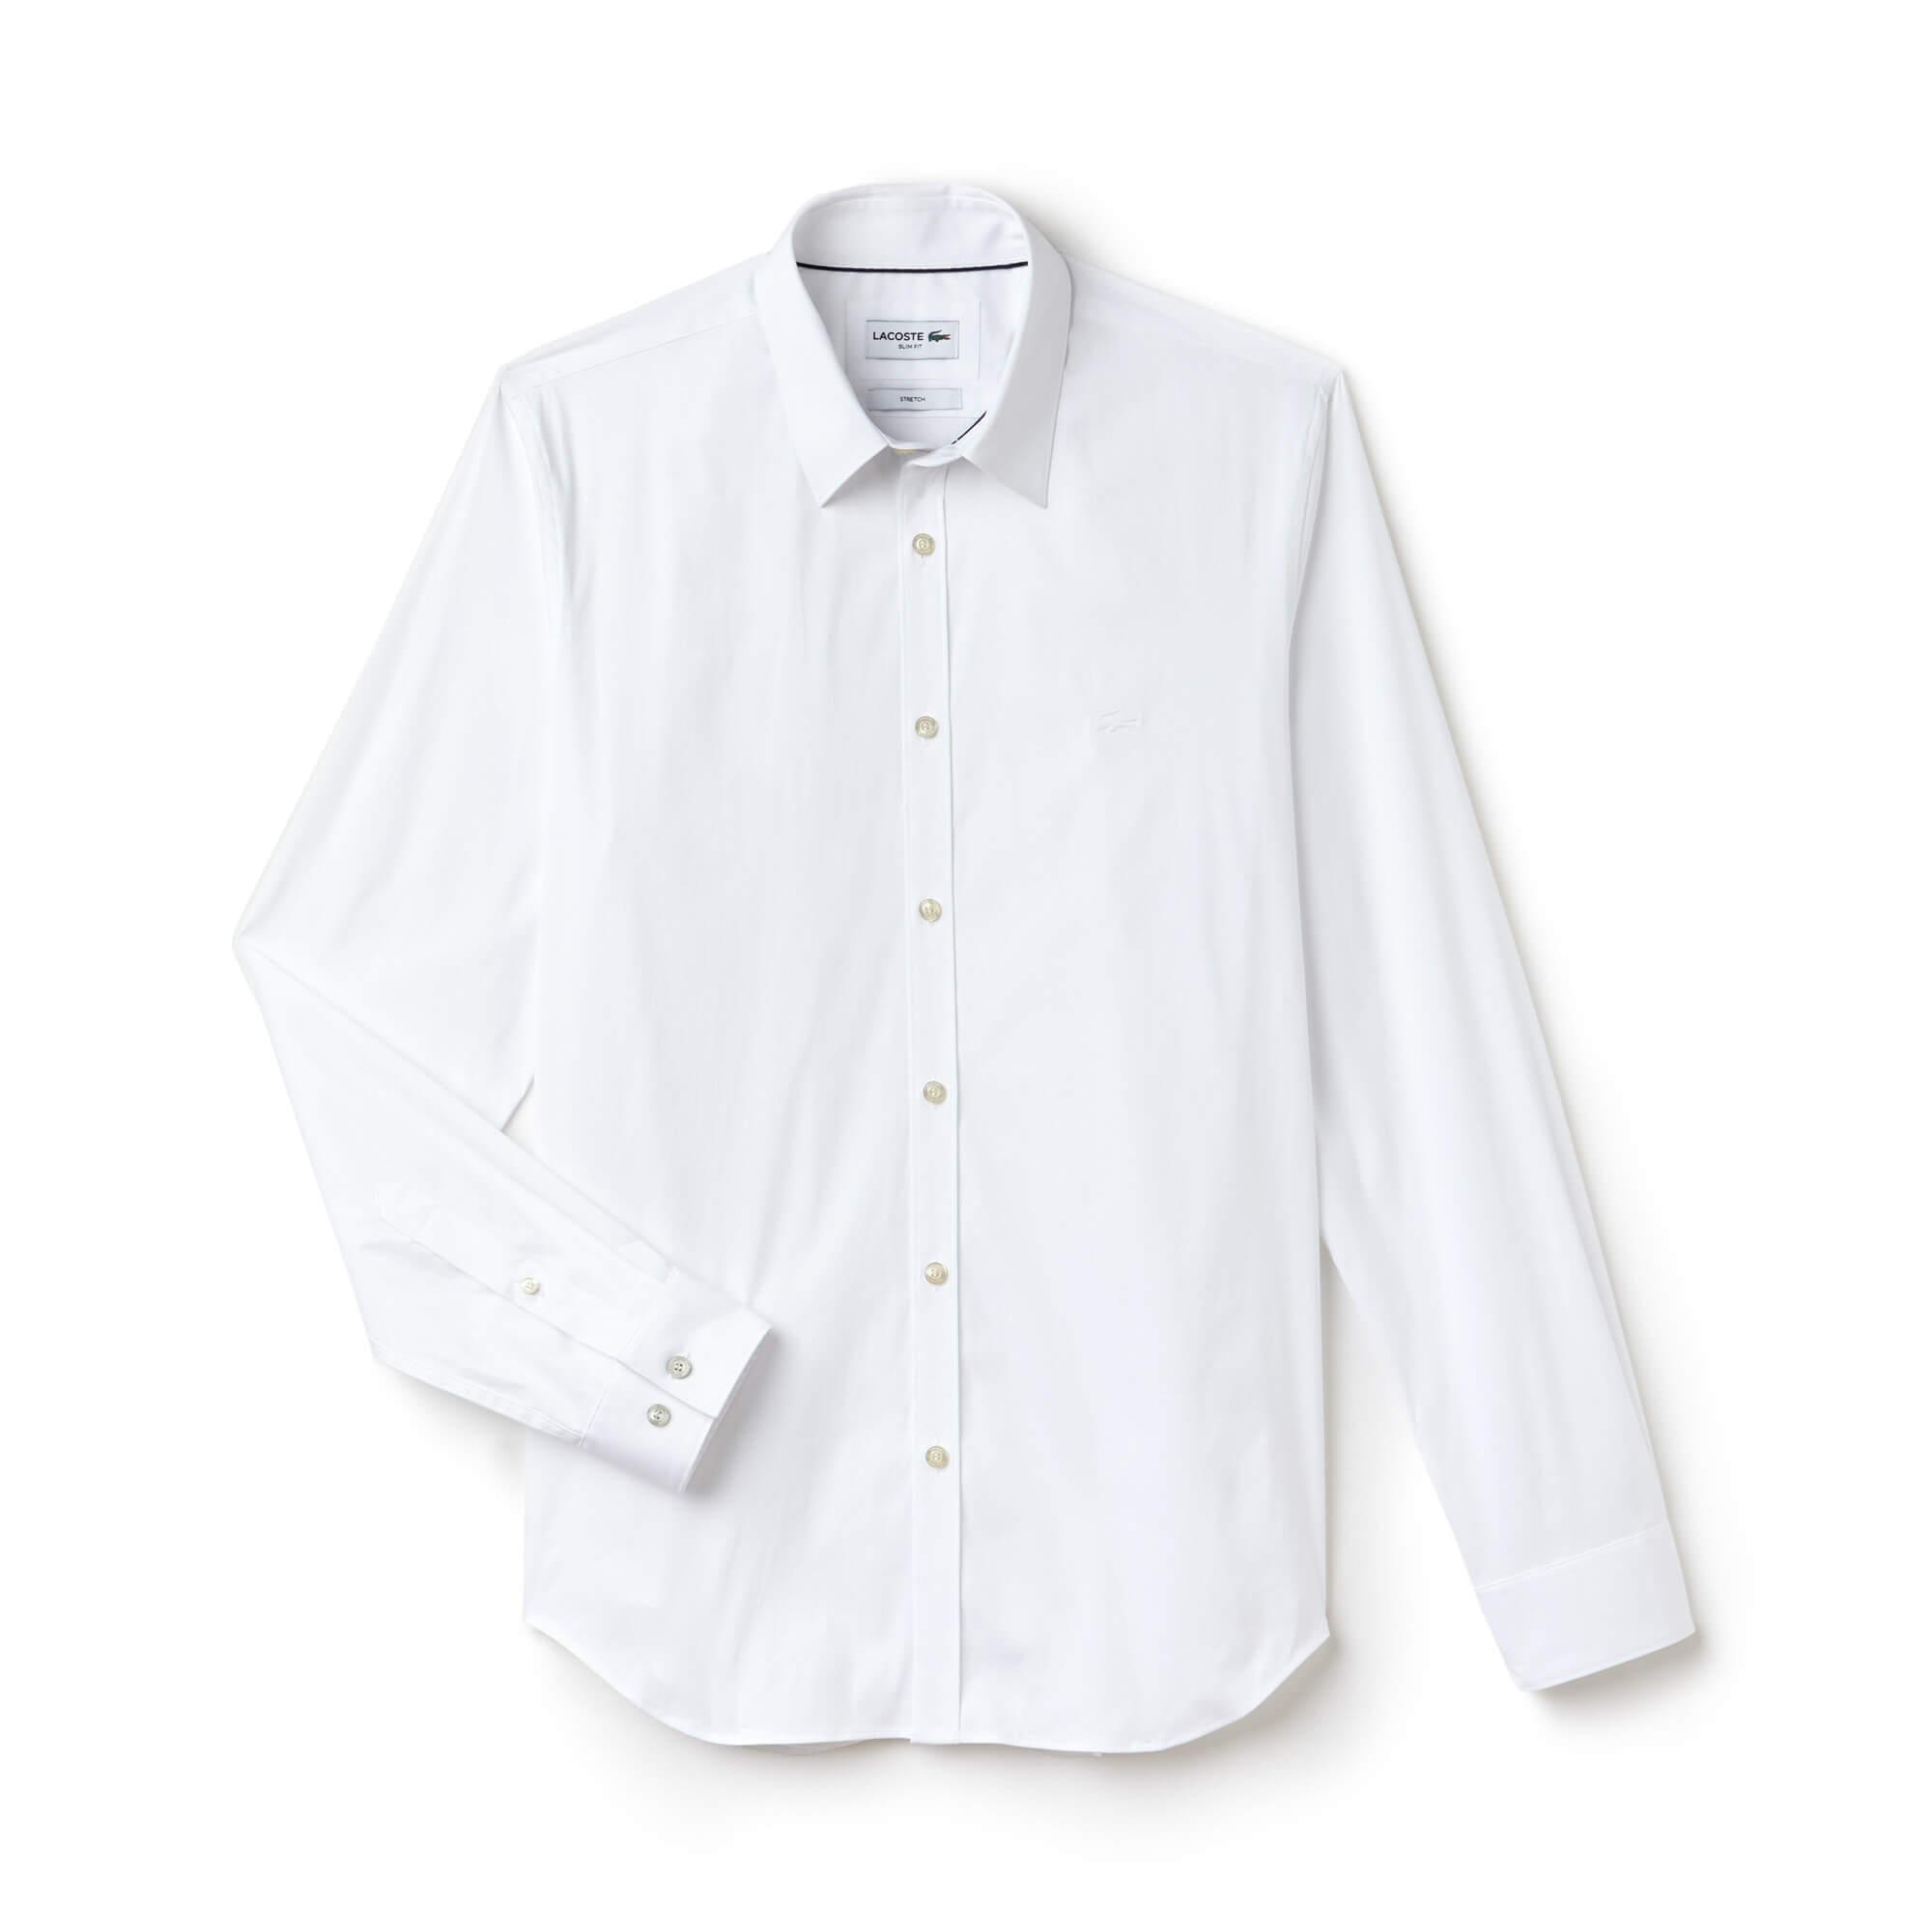 Lacoste Erkek Slim Fit Uzun Kollu Beyaz Gömlek